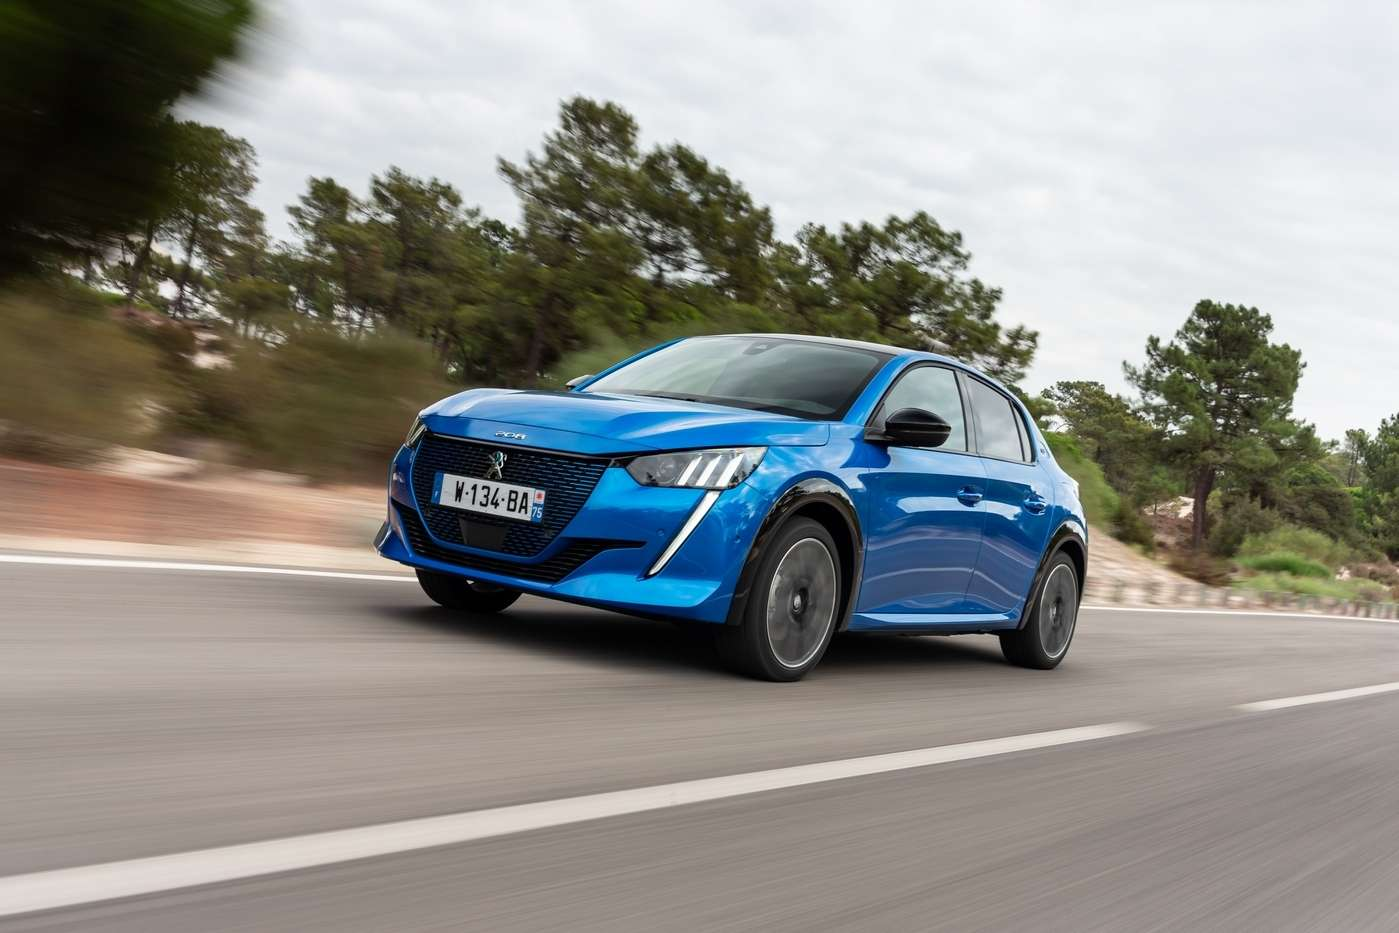 Selon le dernier baromètre de l'Avere France, la Peugeot e-208 est numéro 1 des ventes de voitures électriques en avril avec 360 immatriculations contre 322 pour la Renault Zoe qui régnait jusqu'ici sans partage. © Peugeot